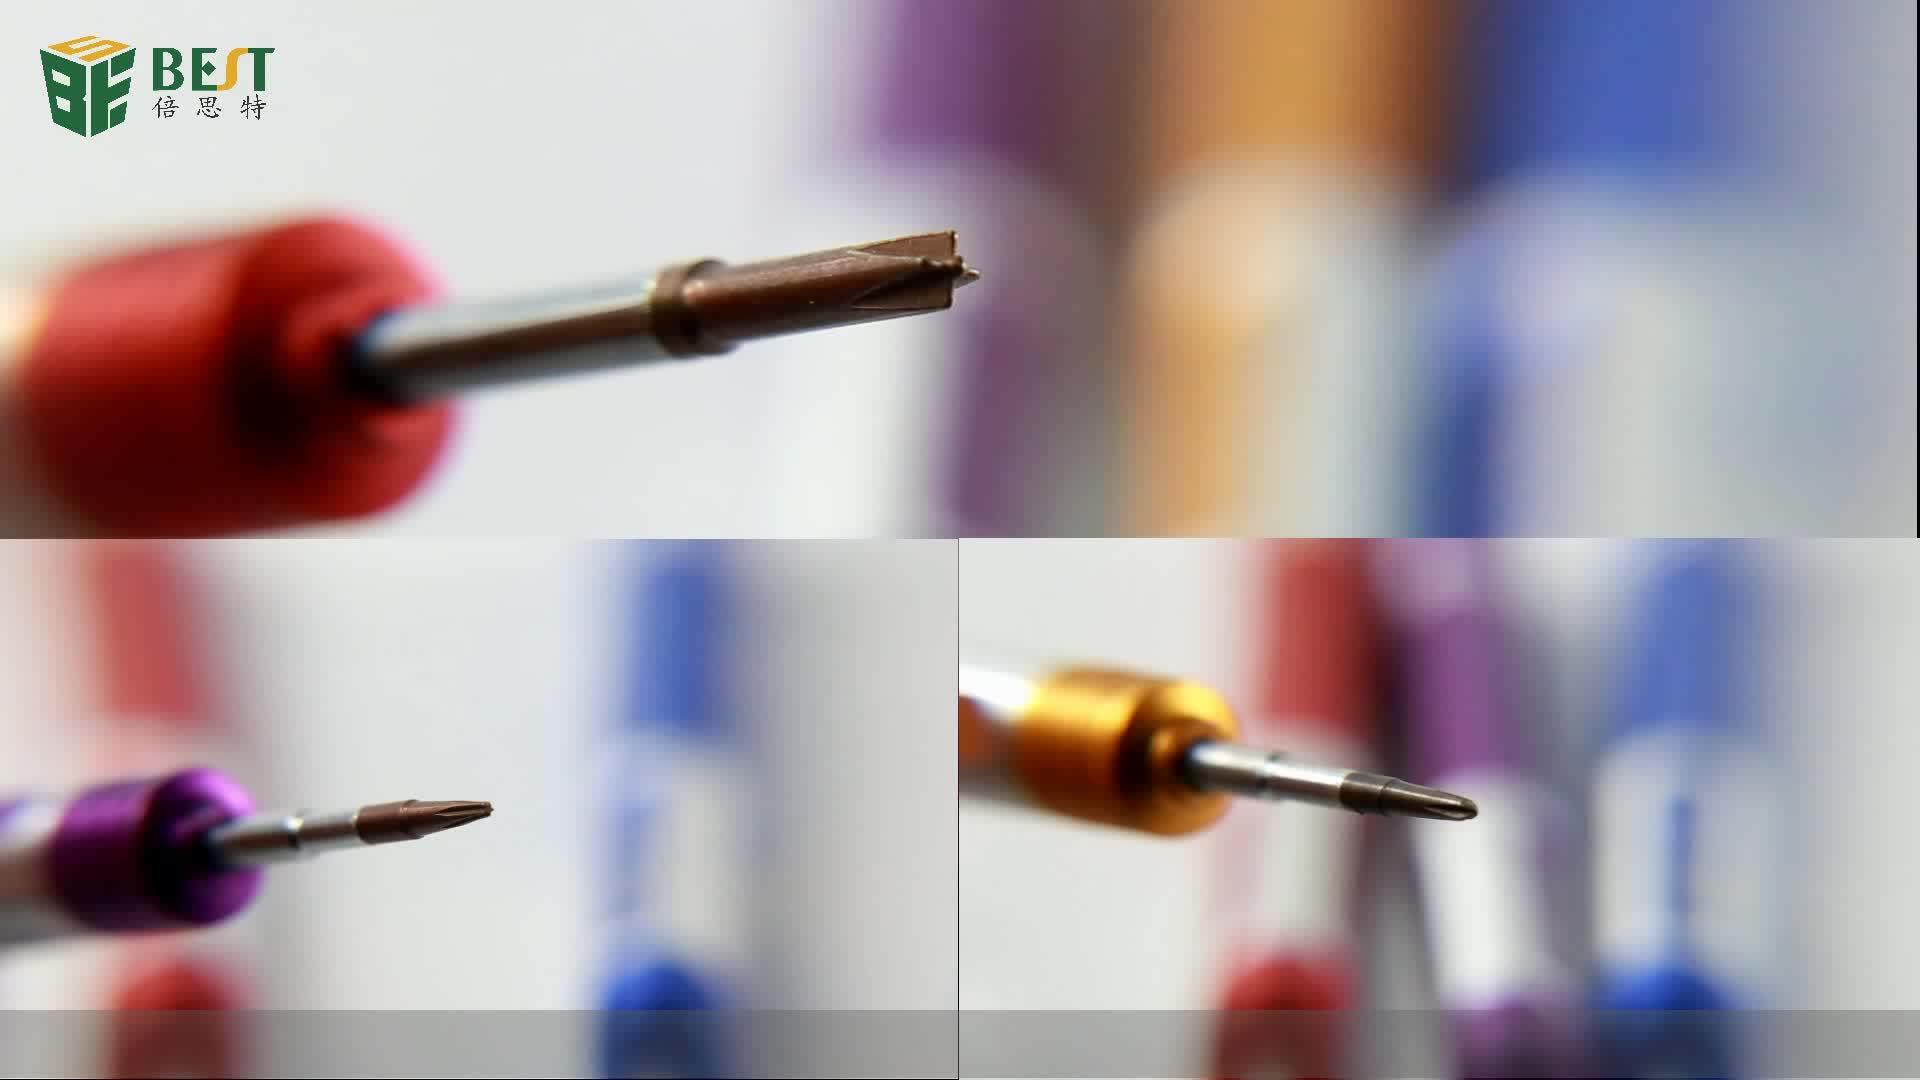 BEST 6666 wholesale Precision Metal Mobile Phone Laptop 2.5mm Screwdriver Repair Tool